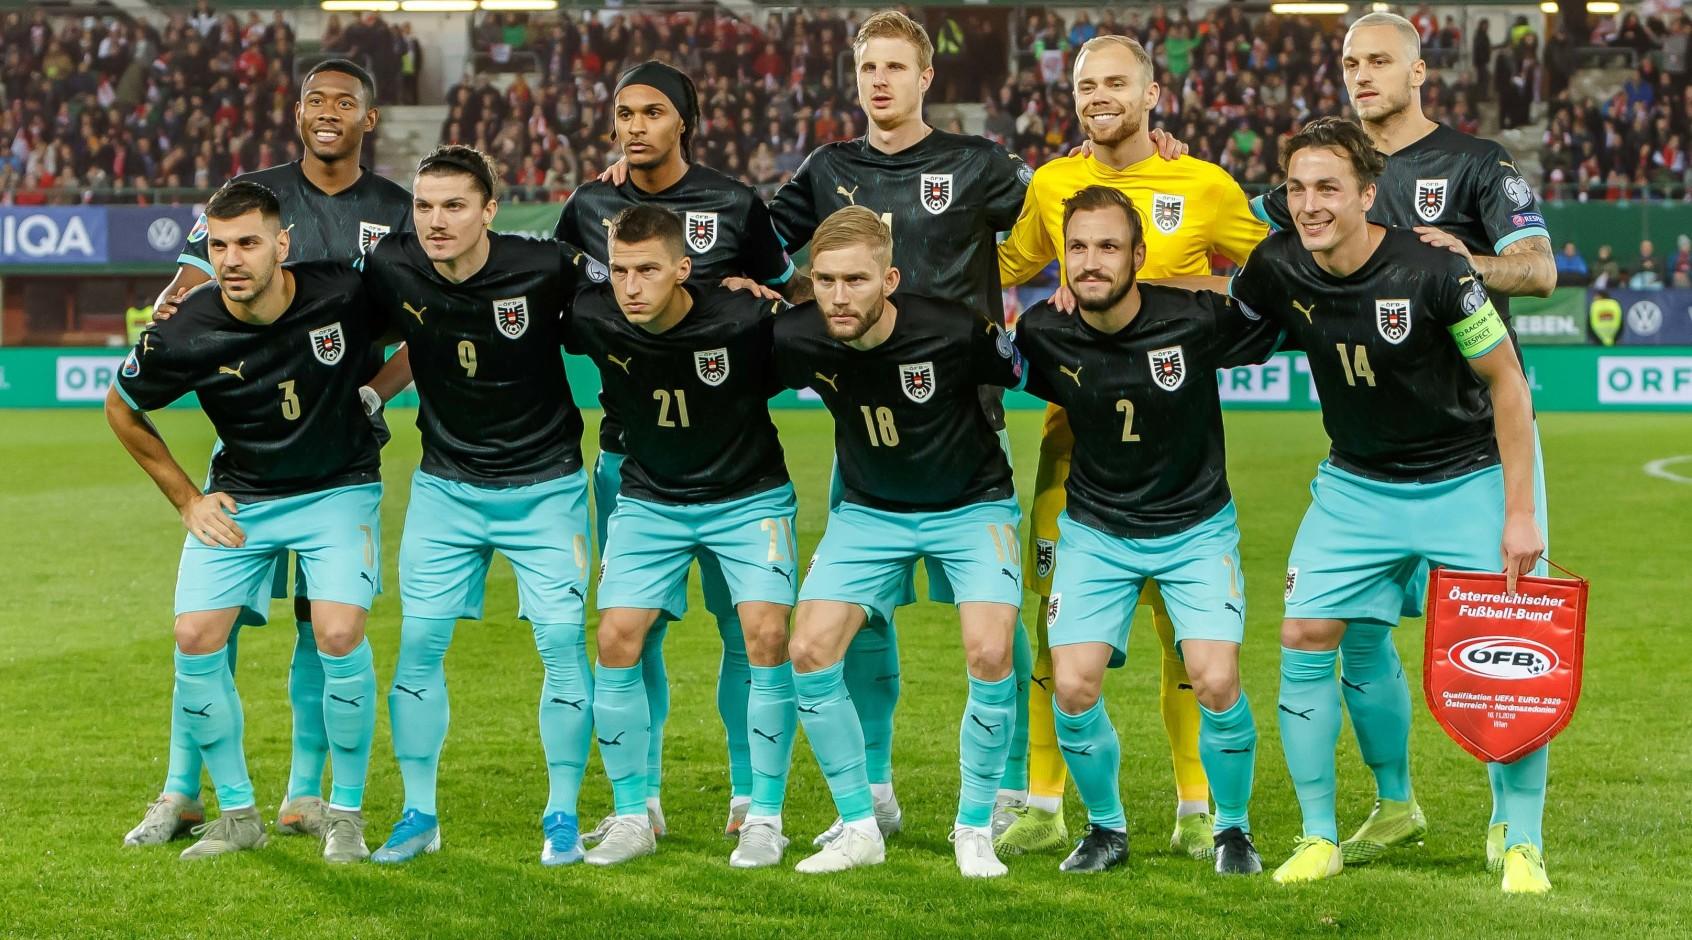 Тактический анализ игры сборной Австрии от голландского журналиста